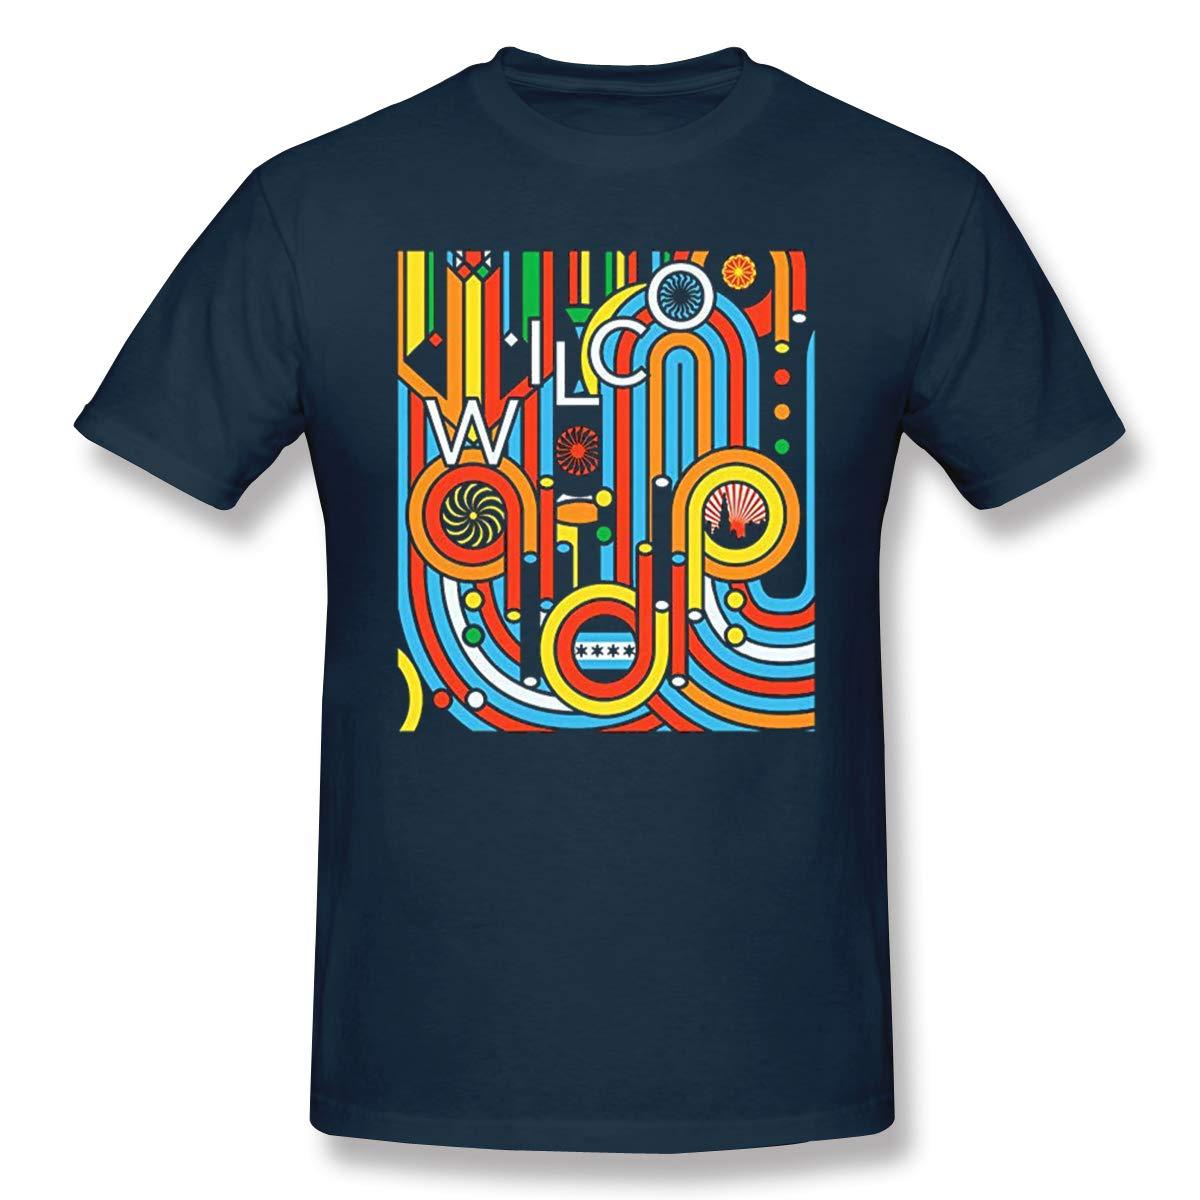 Uriayloer Wilco Tour 2019 Dedek S Tee Fashion Tshirt